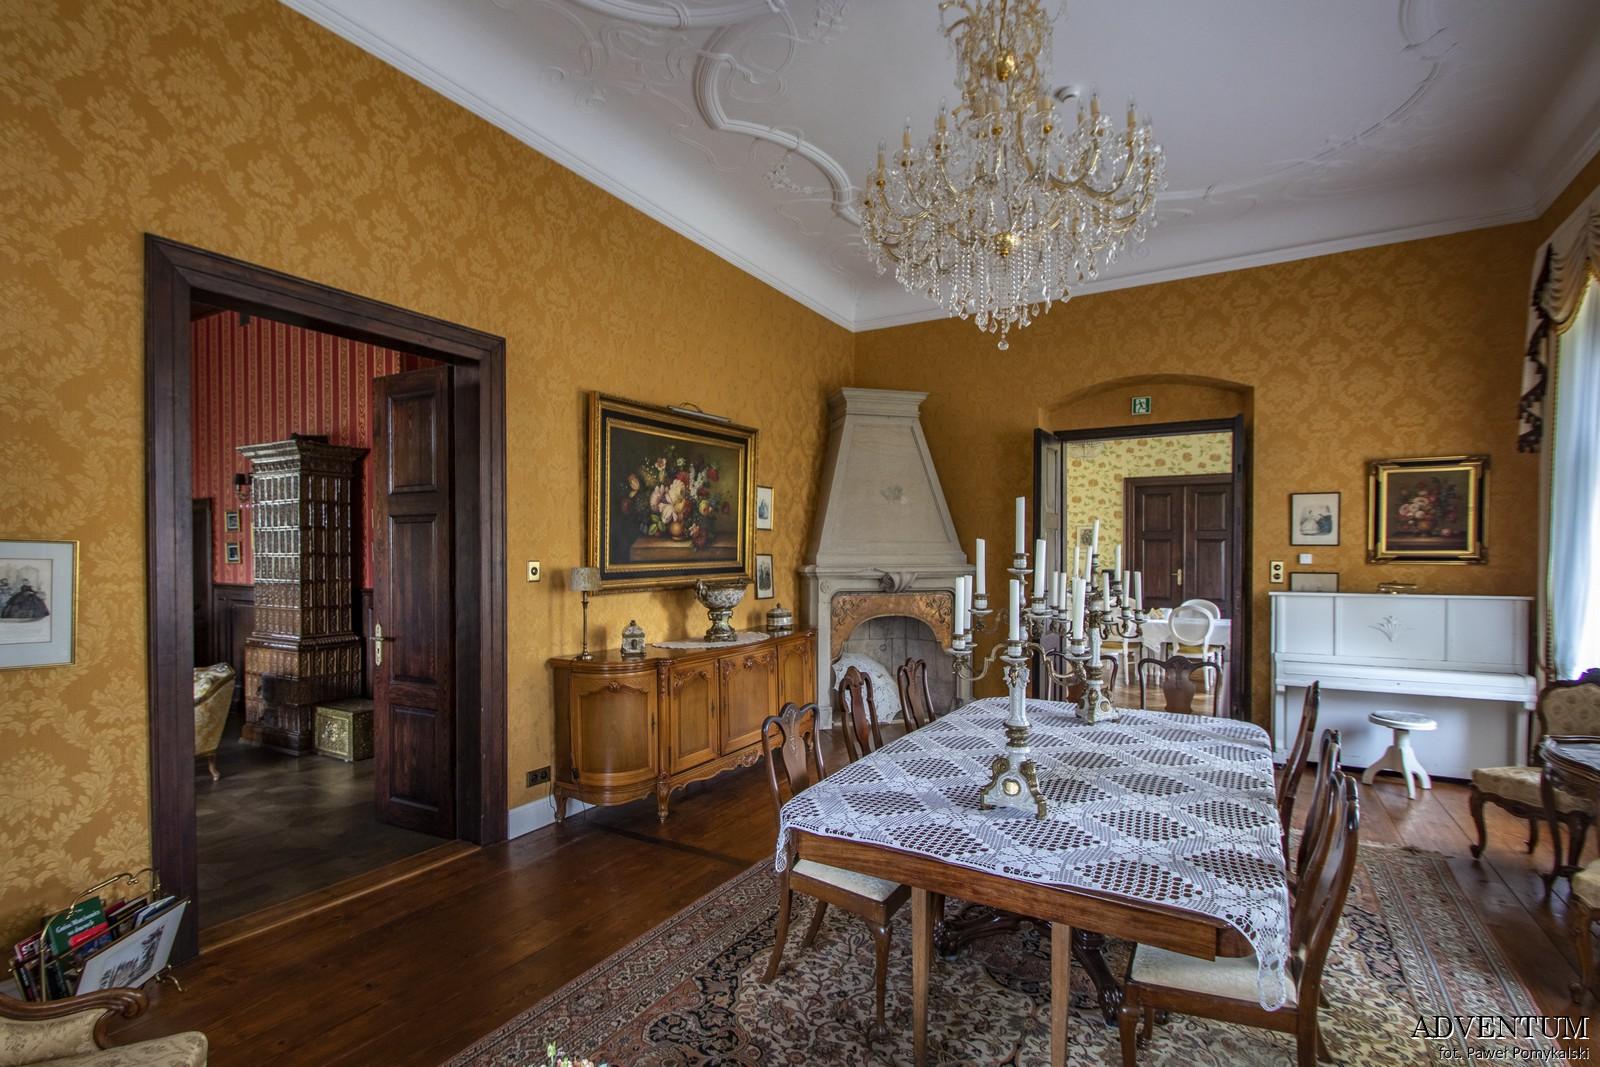 Gruszów pałac dolny śląsk świdnica hotel noclegi wnętrza apartament kominek